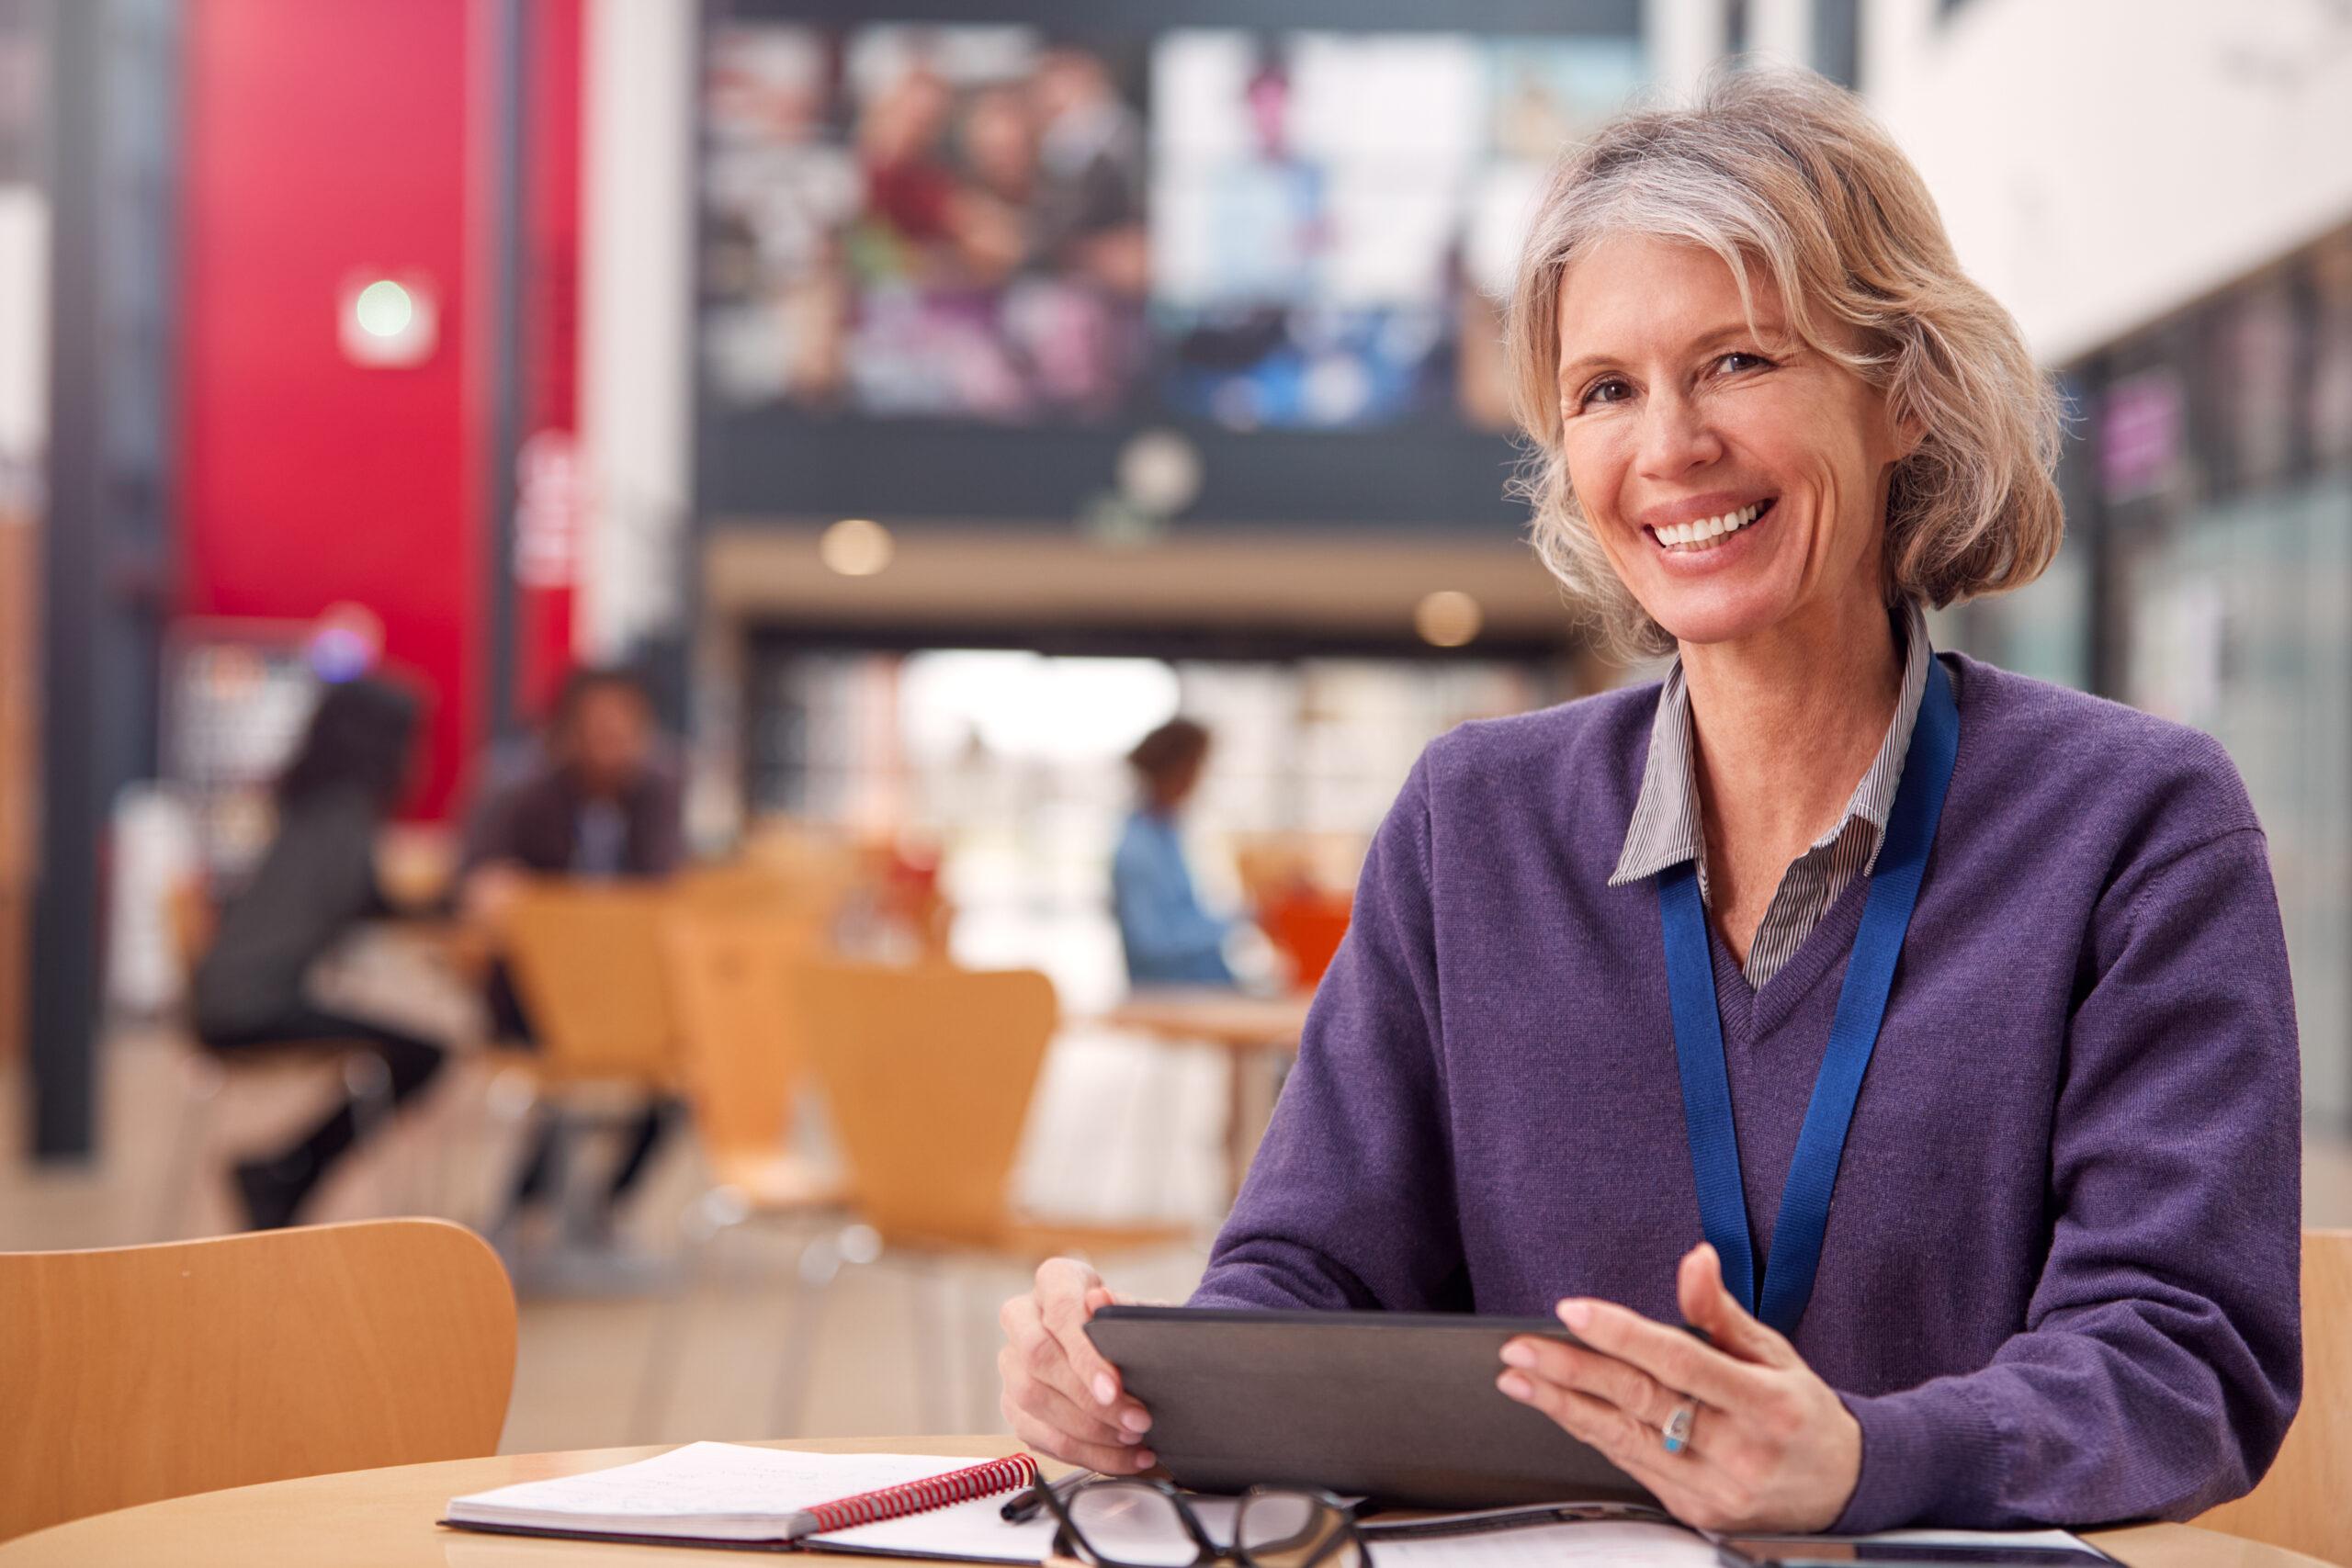 Cilësitë kryesore të një mësuesi efektiv